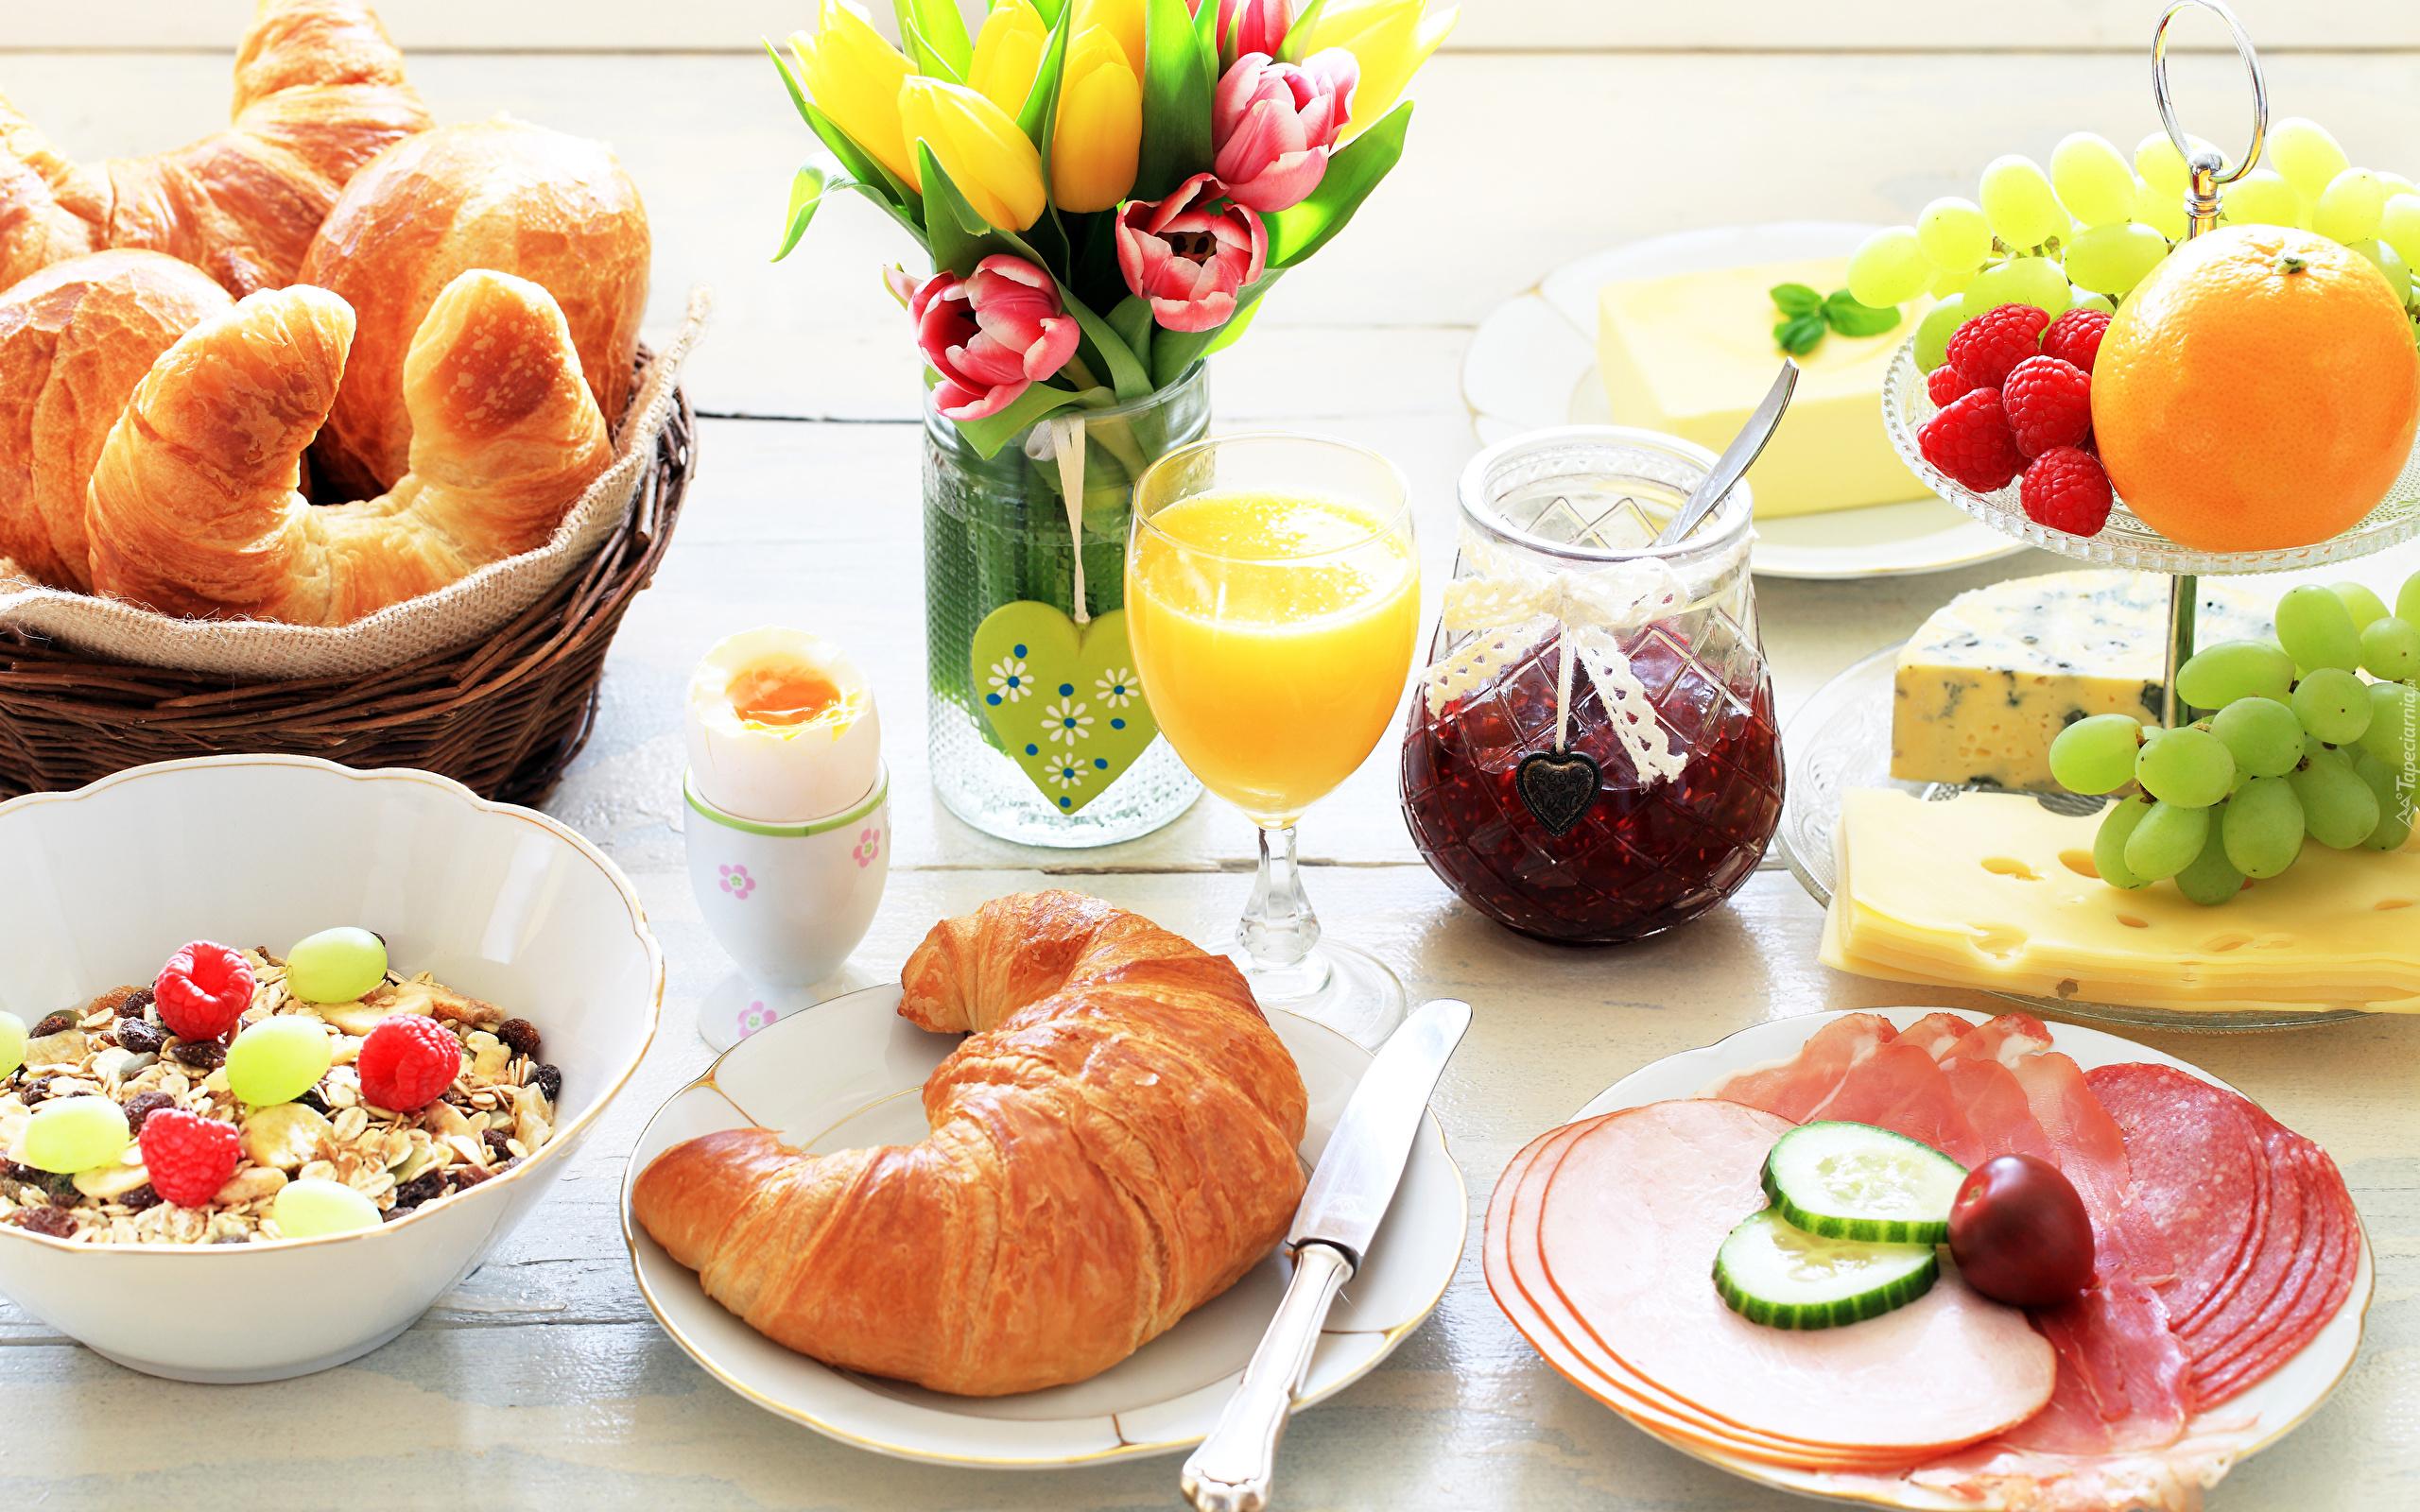 śniadanie I Kwiaty W Wazonie Na Stole